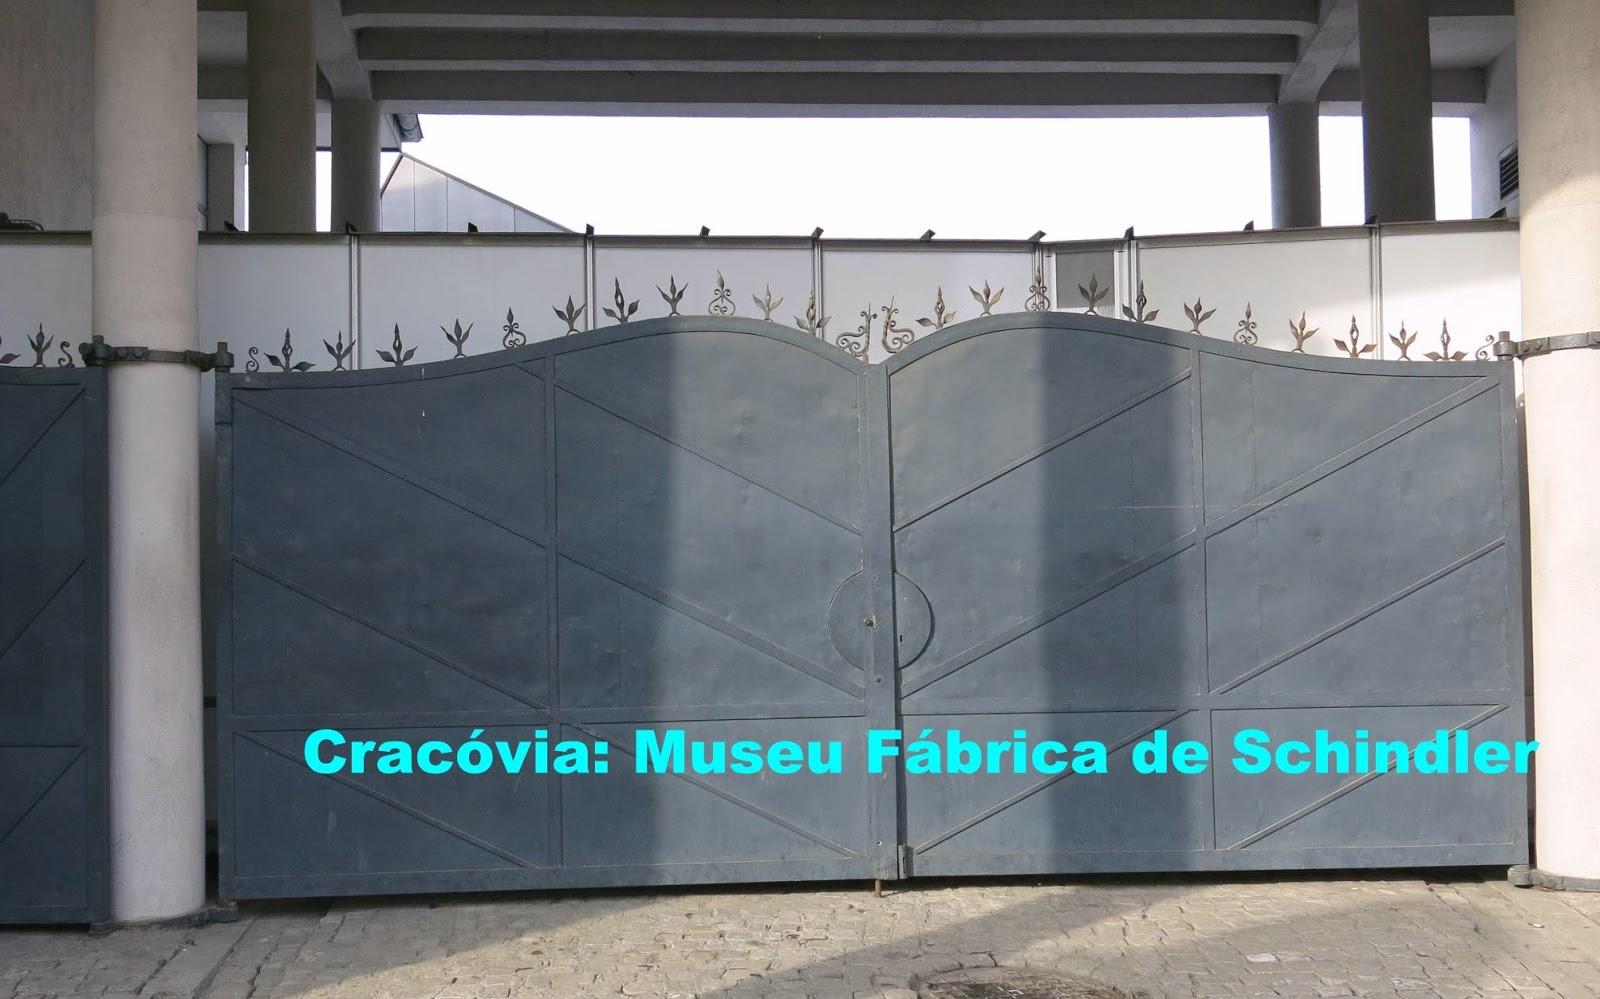 54ee7c1fc Em 2002, essa empresa fechou as portas, e três anos mais tarde, as  instalações foram compradas pela prefeitura, sendo, então, transformada  neste museu, ...